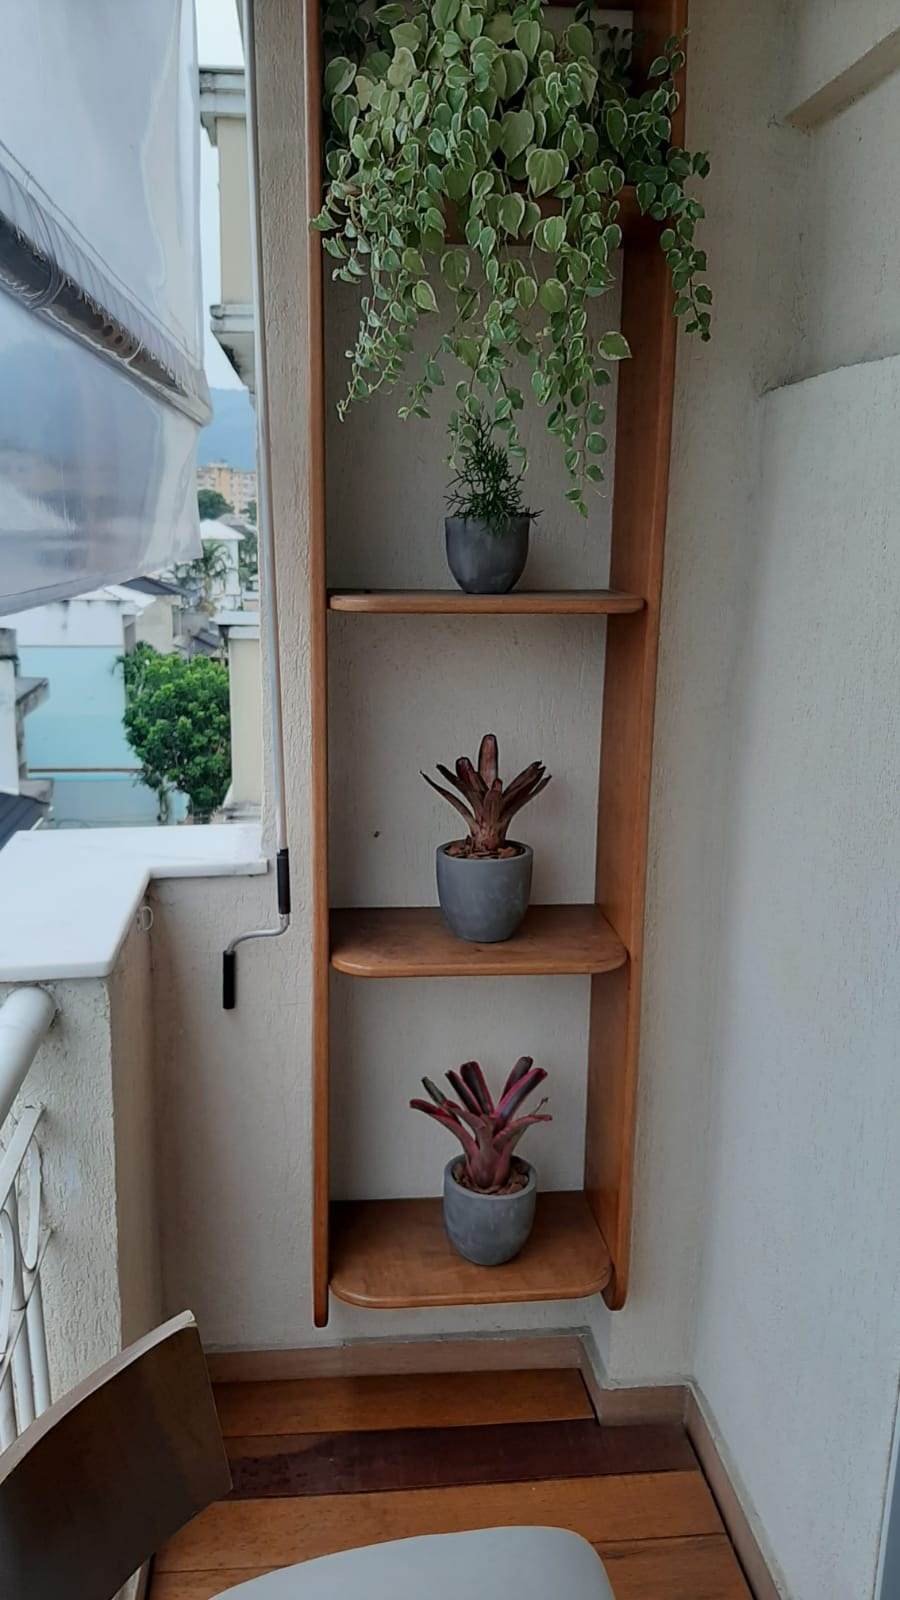 FOTO 27 - Cobertura 3 quartos à venda Rio de Janeiro,RJ - R$ 600.000 - CO00025 - 28